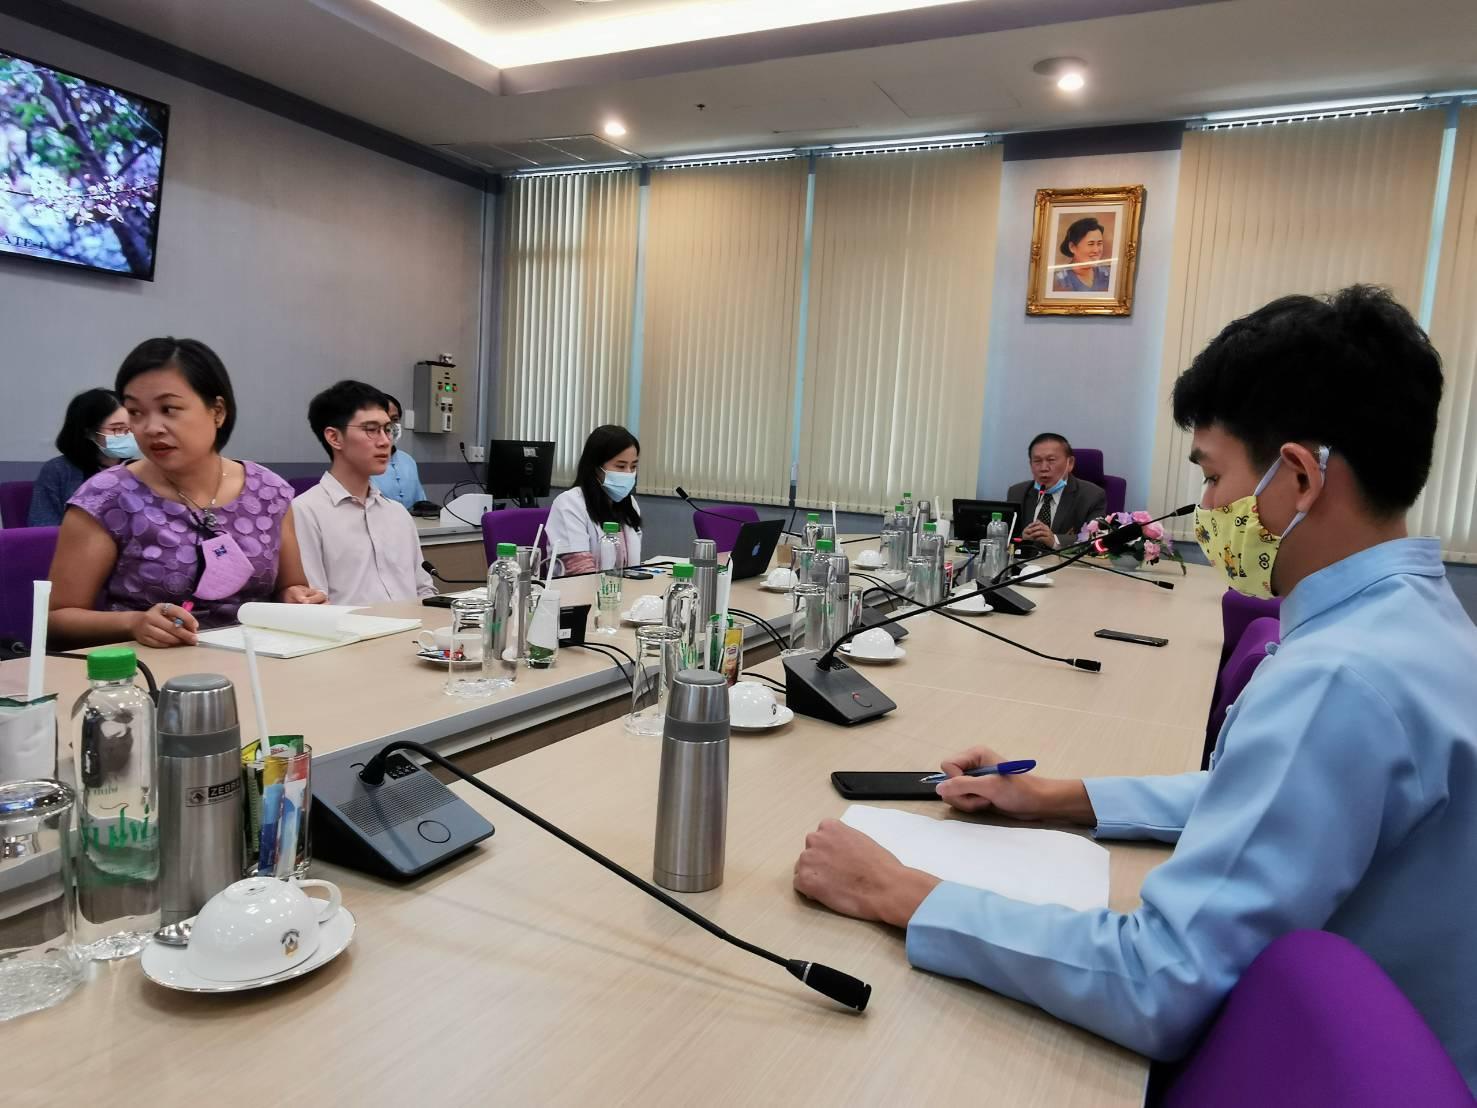 การประชุมเพื่อปรึกษาและพิจารณาการพัฒนาระบบข้อมูลสารสนเทศด้านสุขภาพ